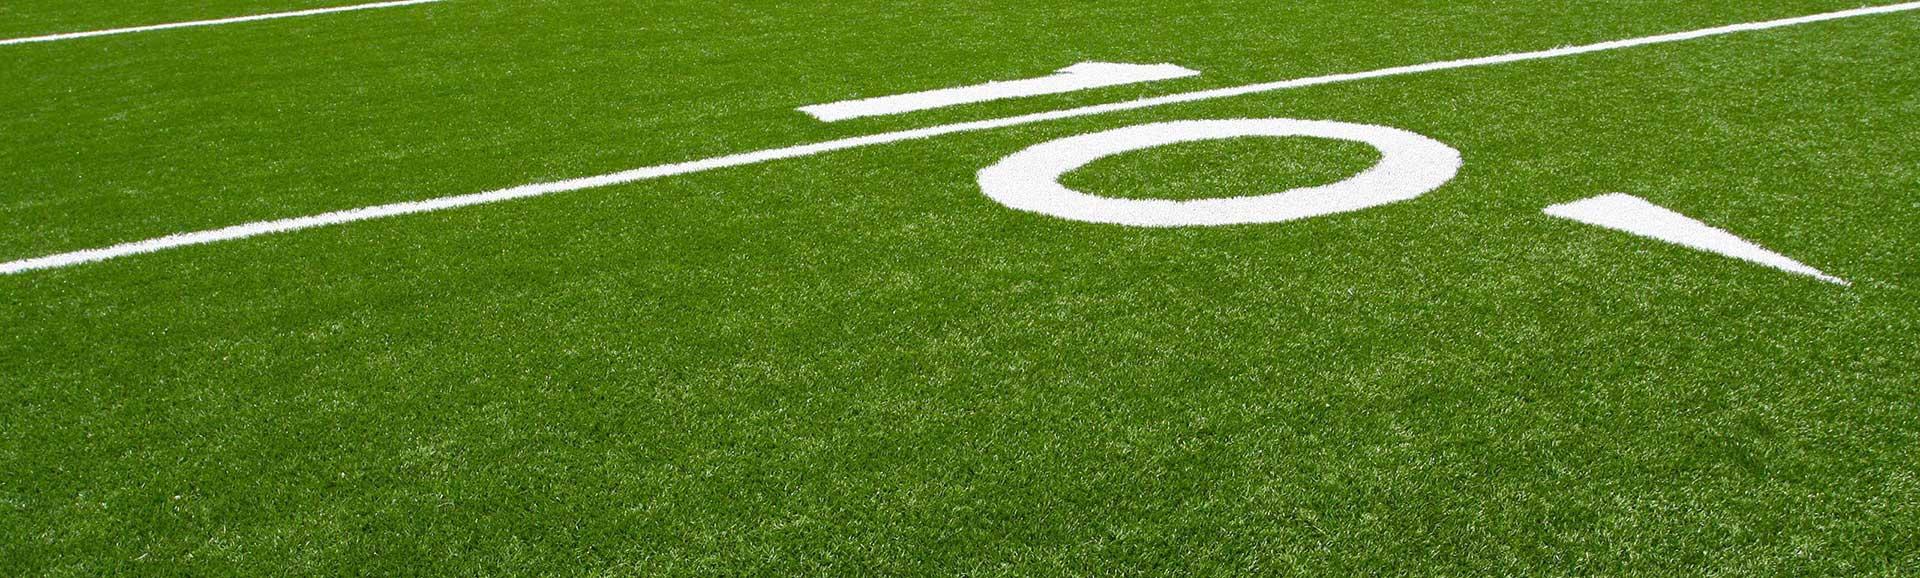 Artificial Grass Dallas TX